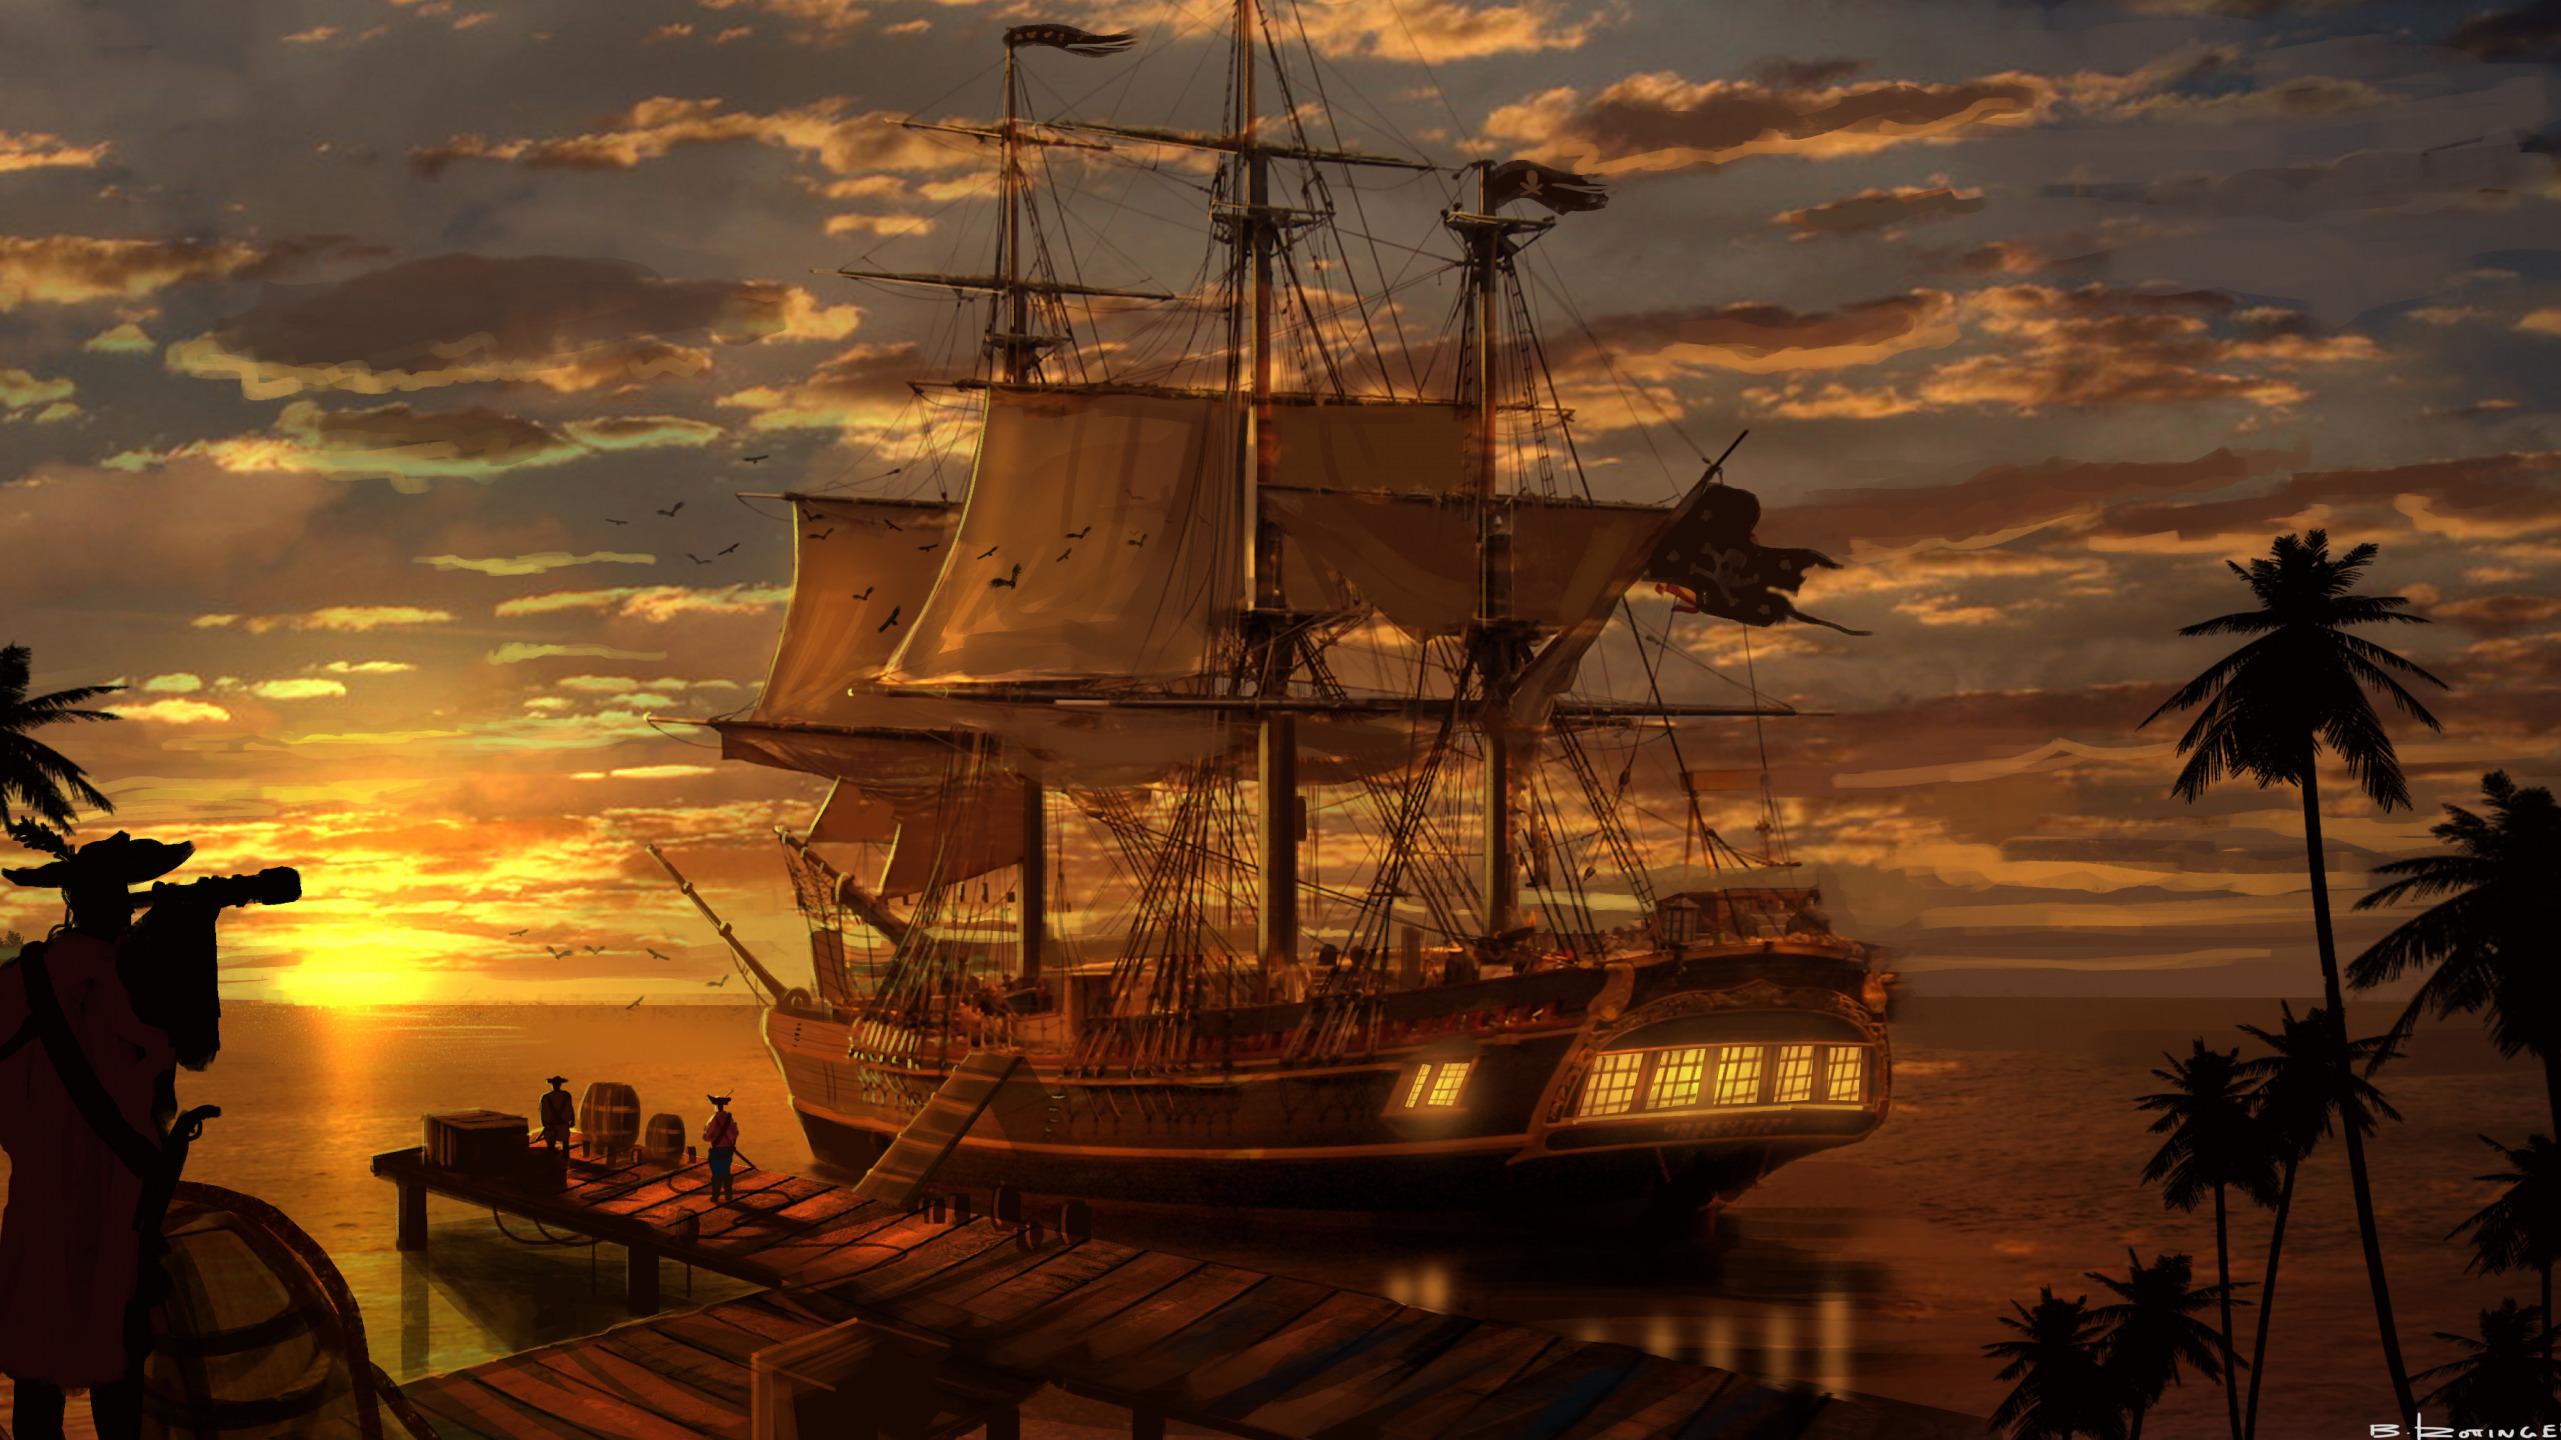 обои для рабочего стола пиратские темы № 618539 загрузить